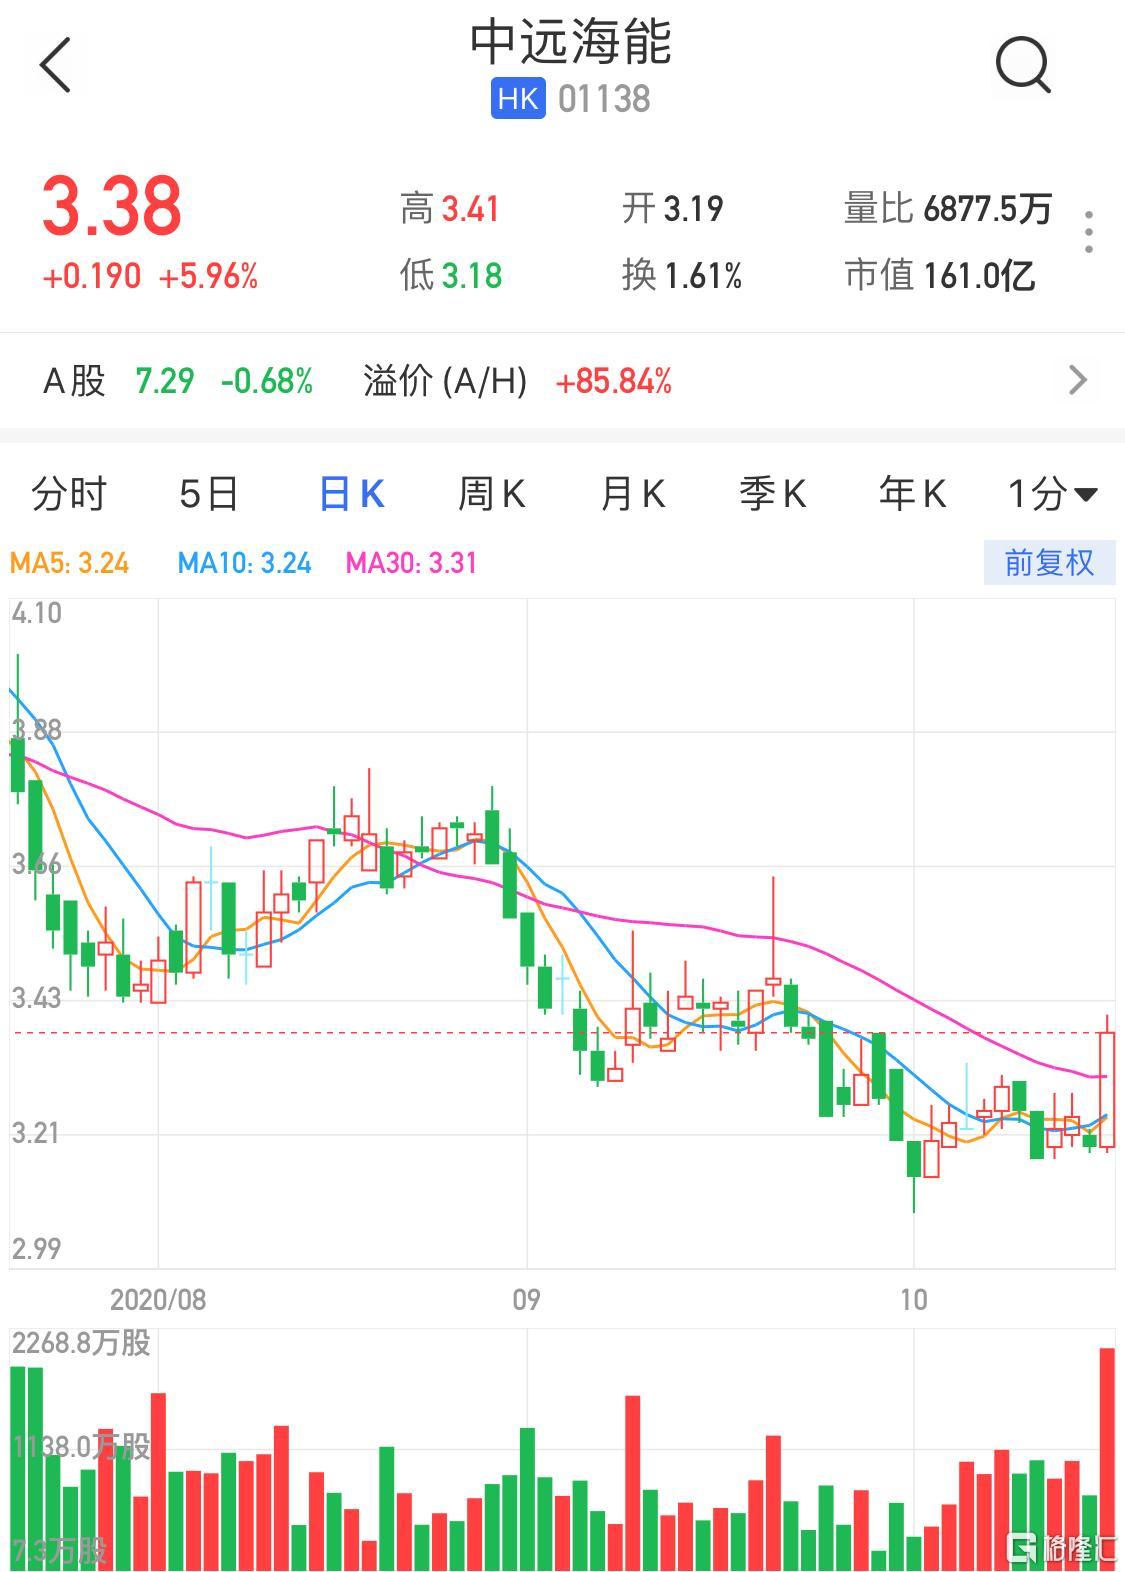 港股异动 | 中远海能(1138.HK)反弹6% 成交额放大至3个月新高